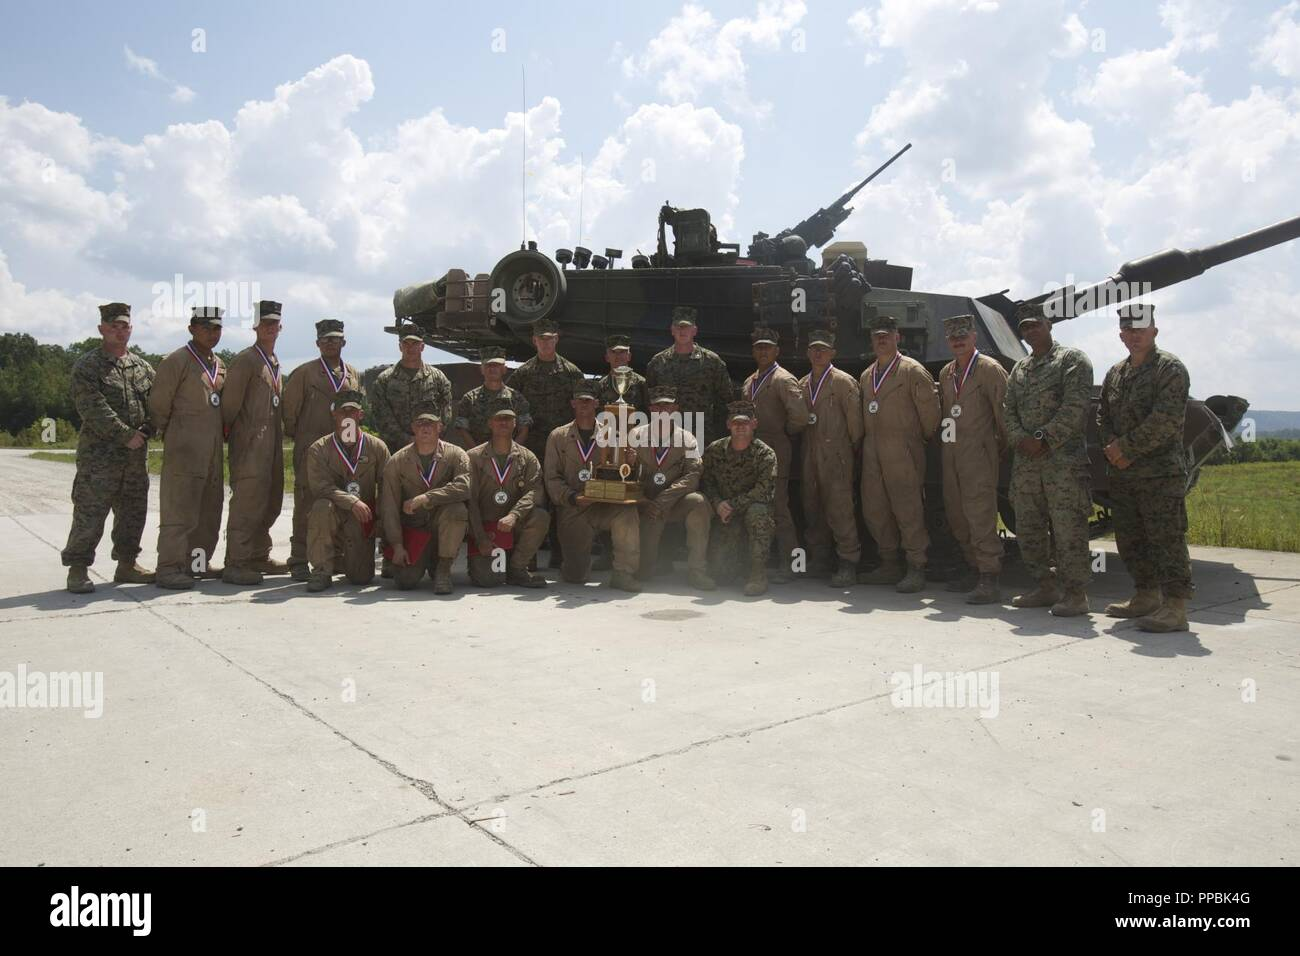 Le lieutenant général Brian D. Beaudreault, le commandant adjoint des plans, des politiques et des opérations, pose pour une photo avec les équipages du 1er, 2e et 4e Bataillon après la cérémonie de remise des prix de la 15e cérémonie de remise des prix au Concours Tiger Gamme Wilcox, Fort Knox, Kentucky, le 28 août 2018. Banque D'Images